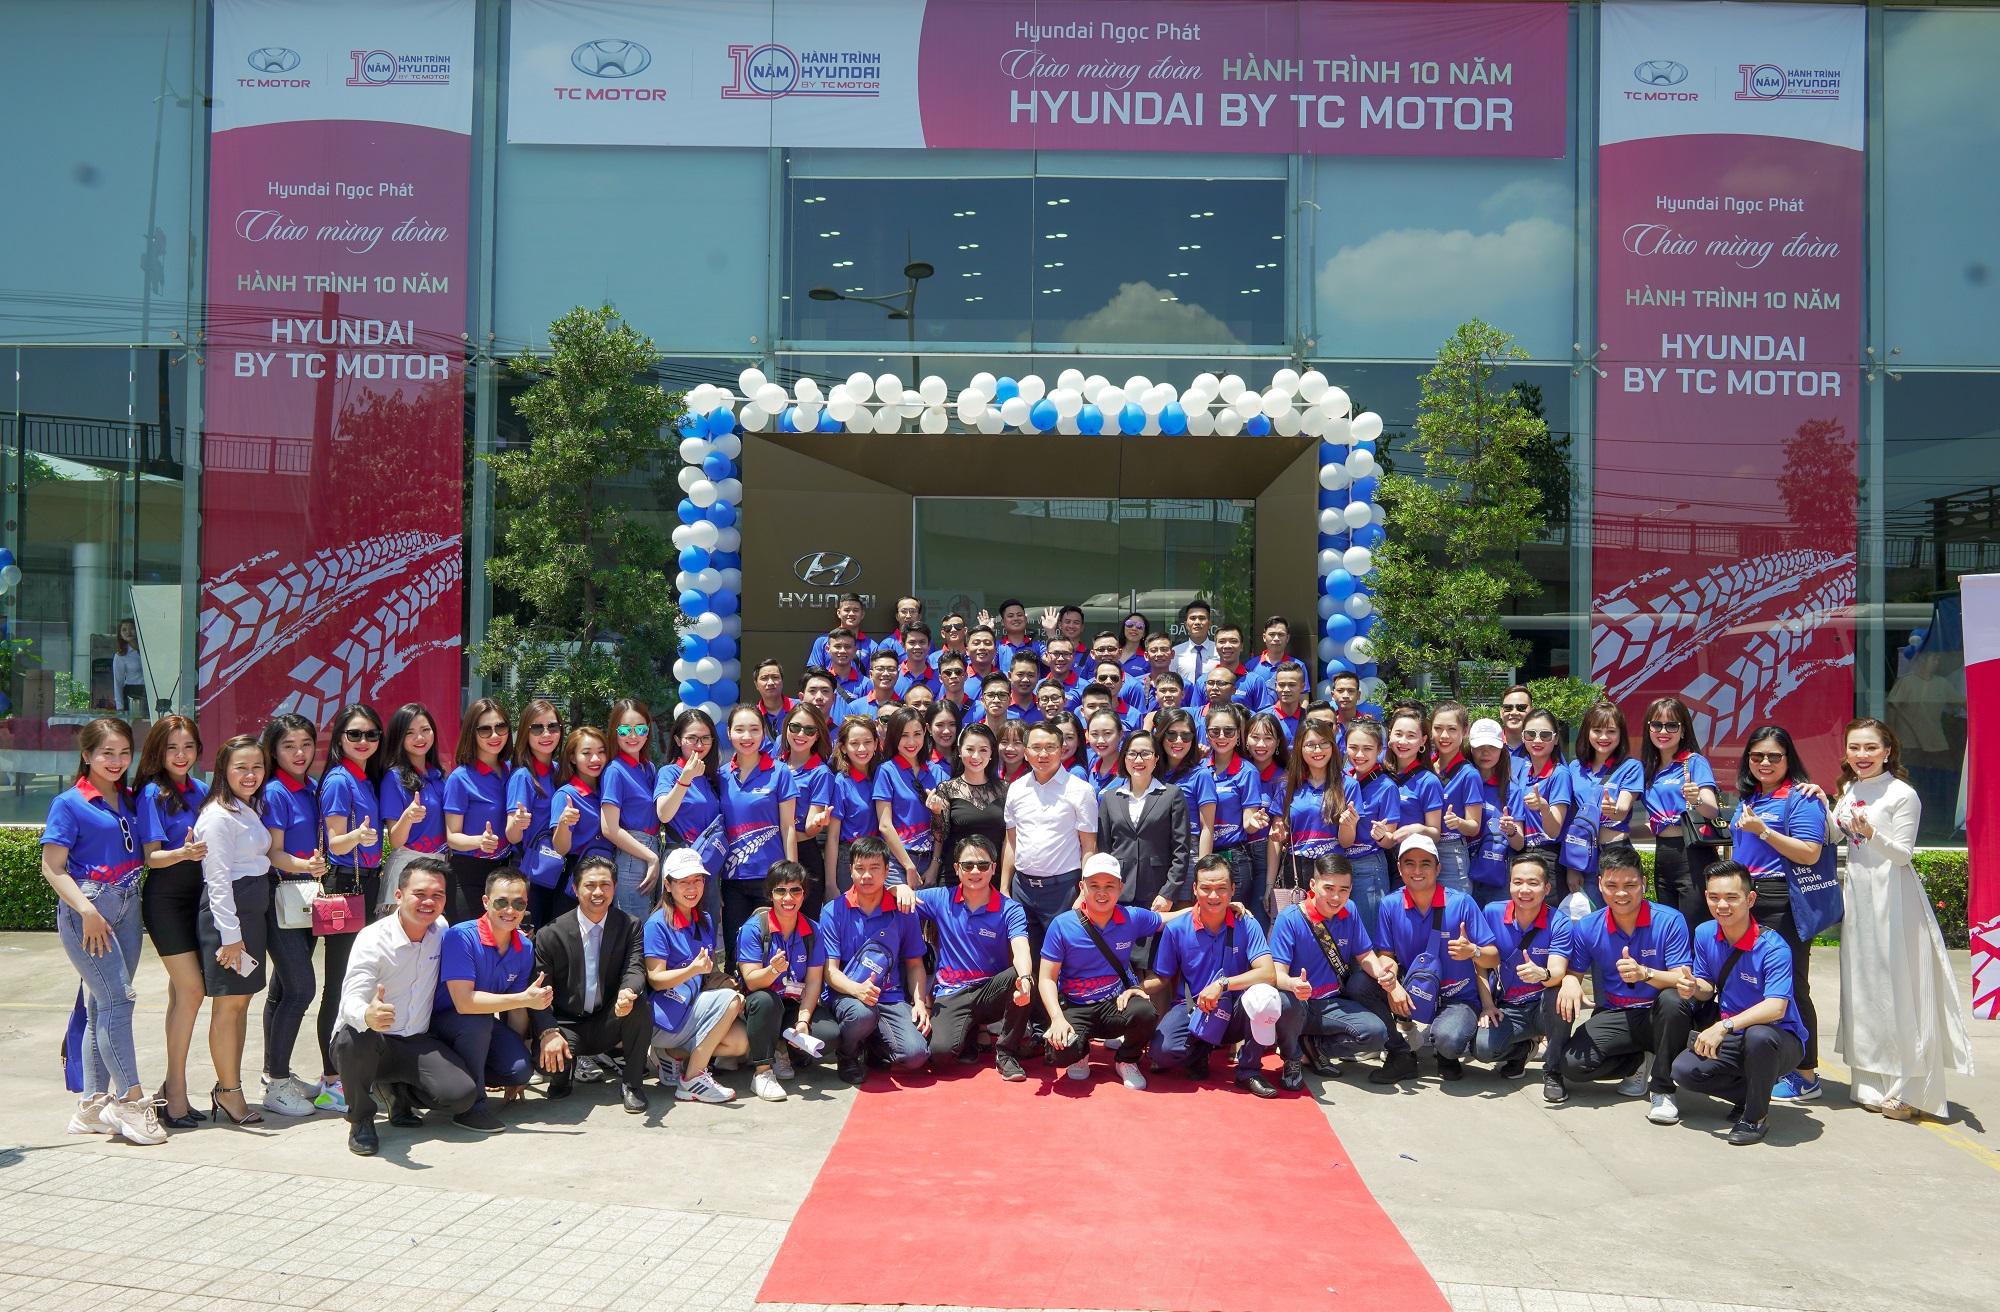 Hyundai Ngọc Phát Chào Mừng Hành Trình Caravan 10 Năm - Hyundai By TC Motor